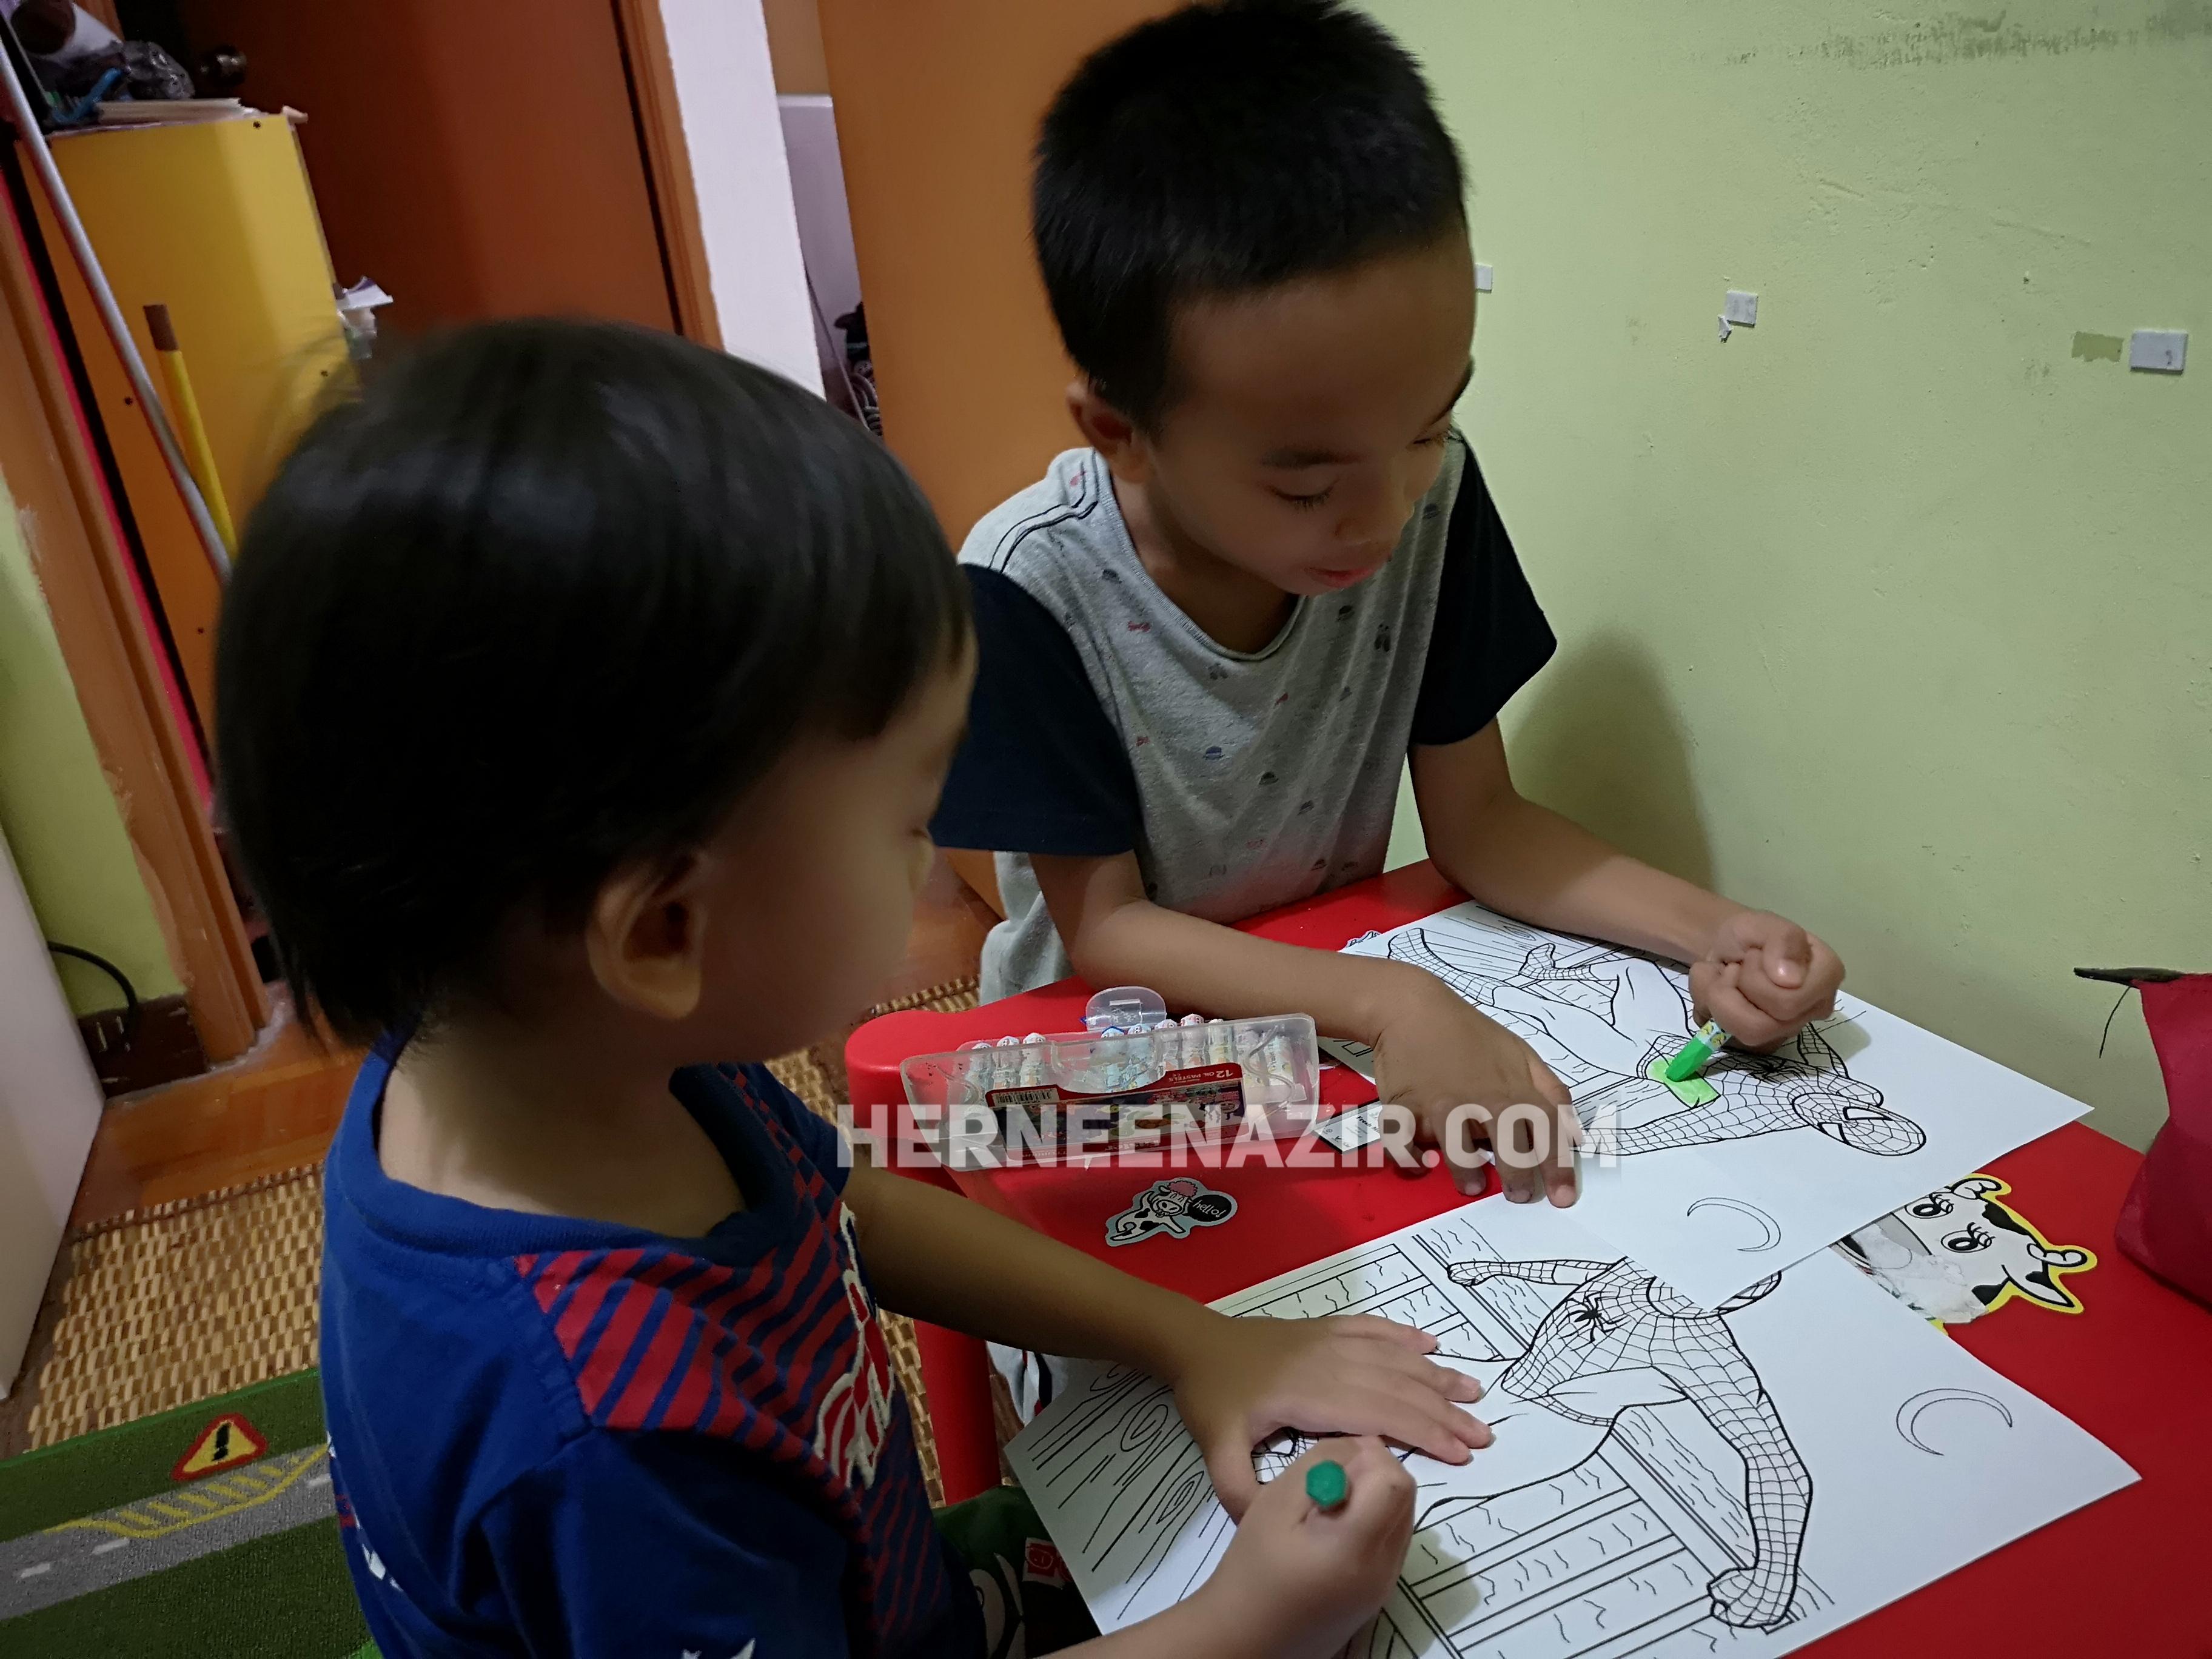 Pertandingan Mewarna Peringkat Anak-Anak Hernee Nazir